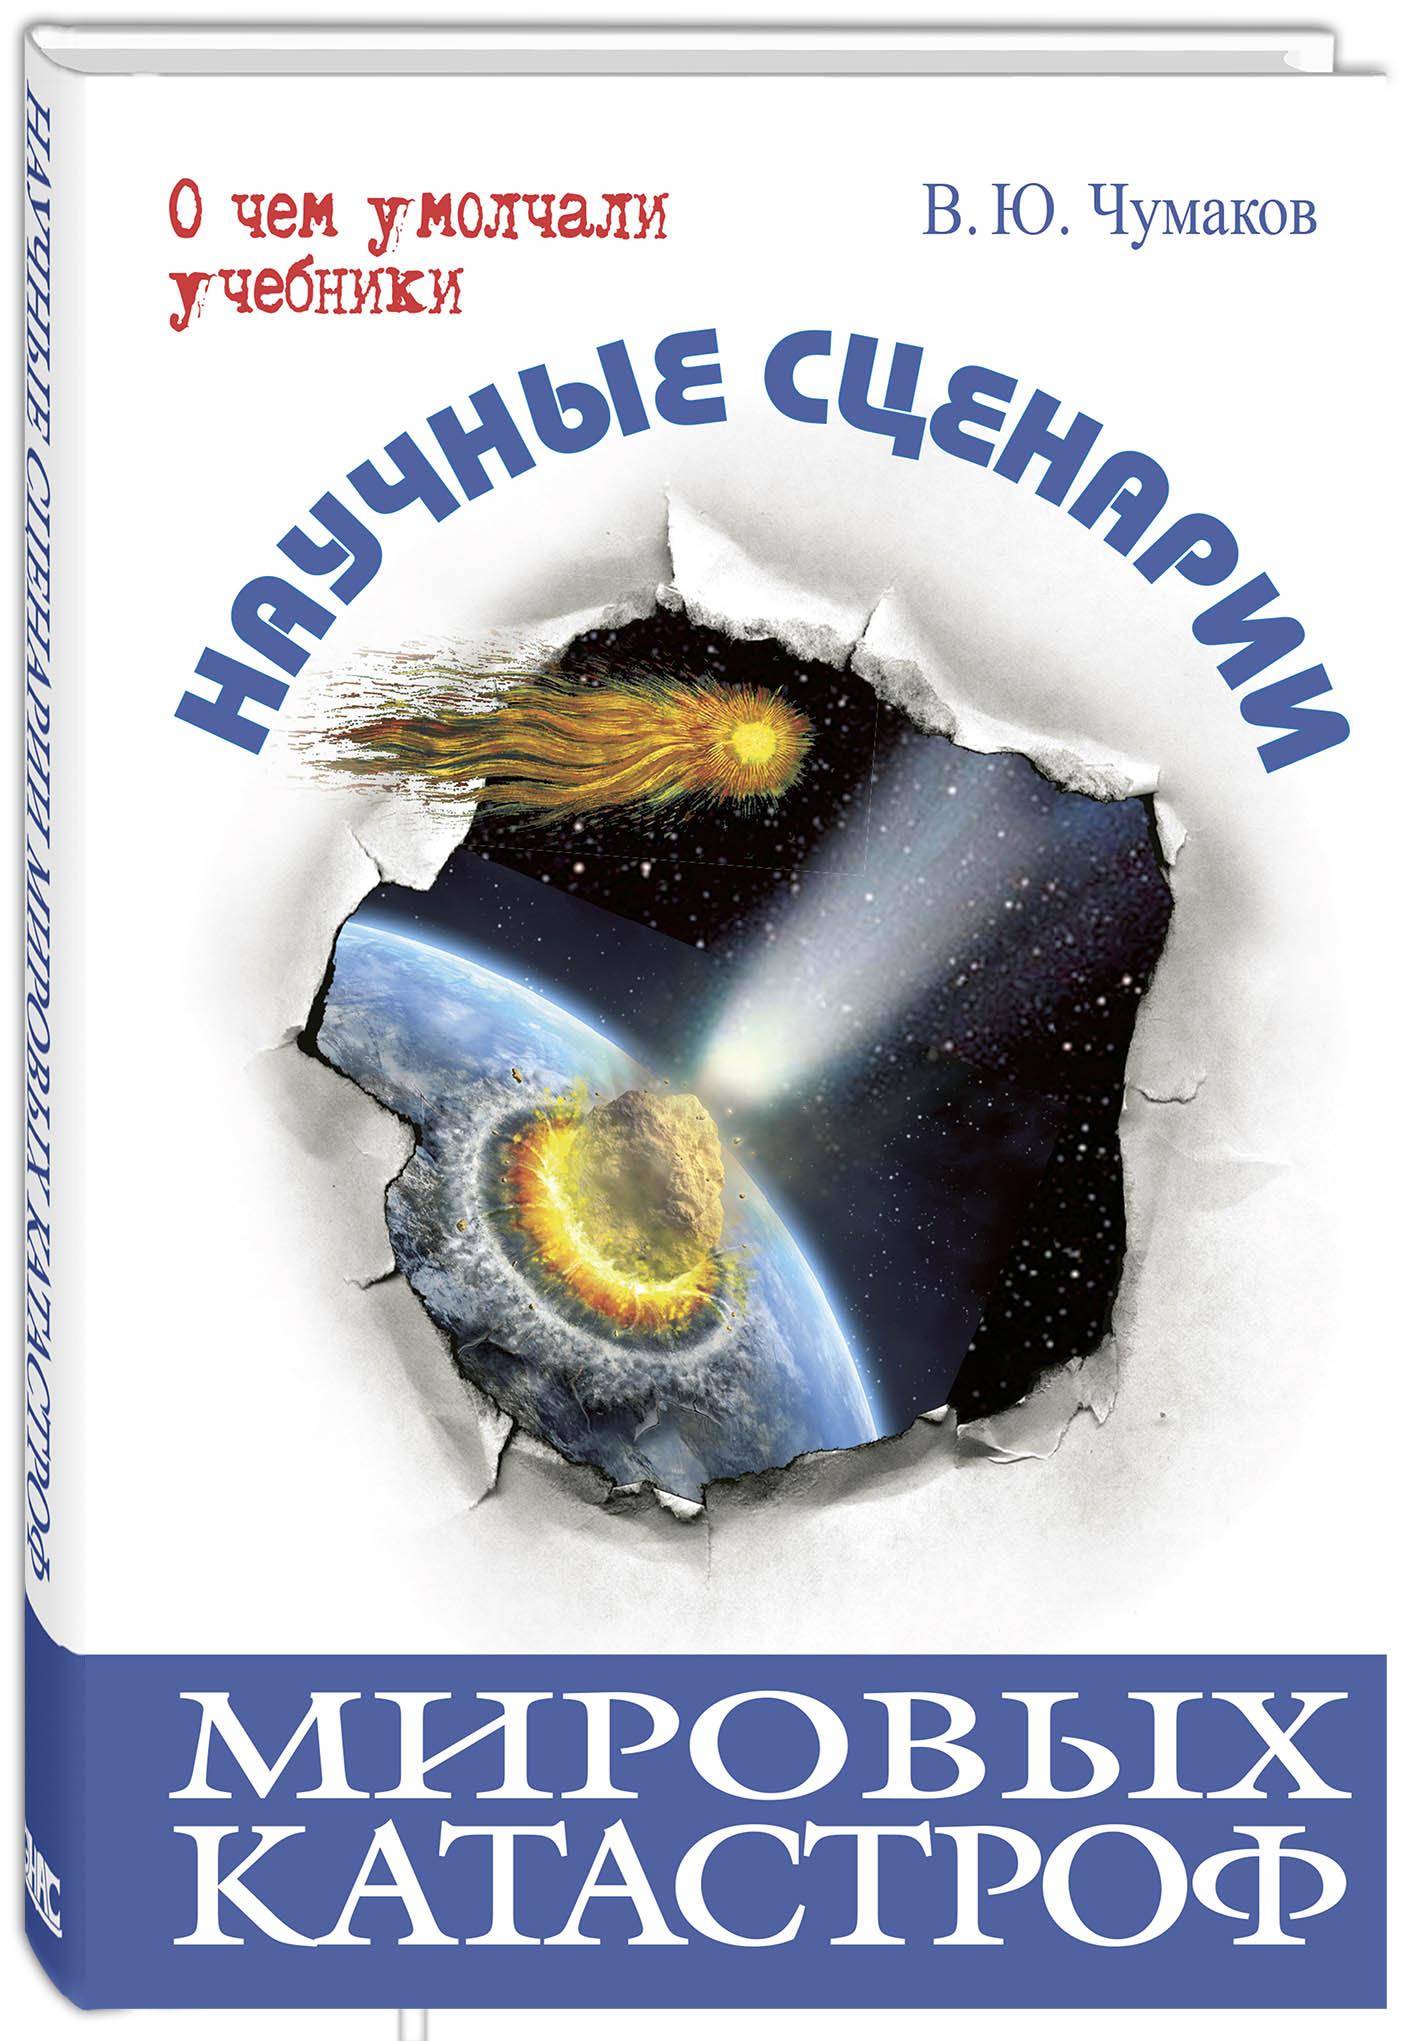 Научные сценарии мировых катастроф. В. Ю. Чумаков